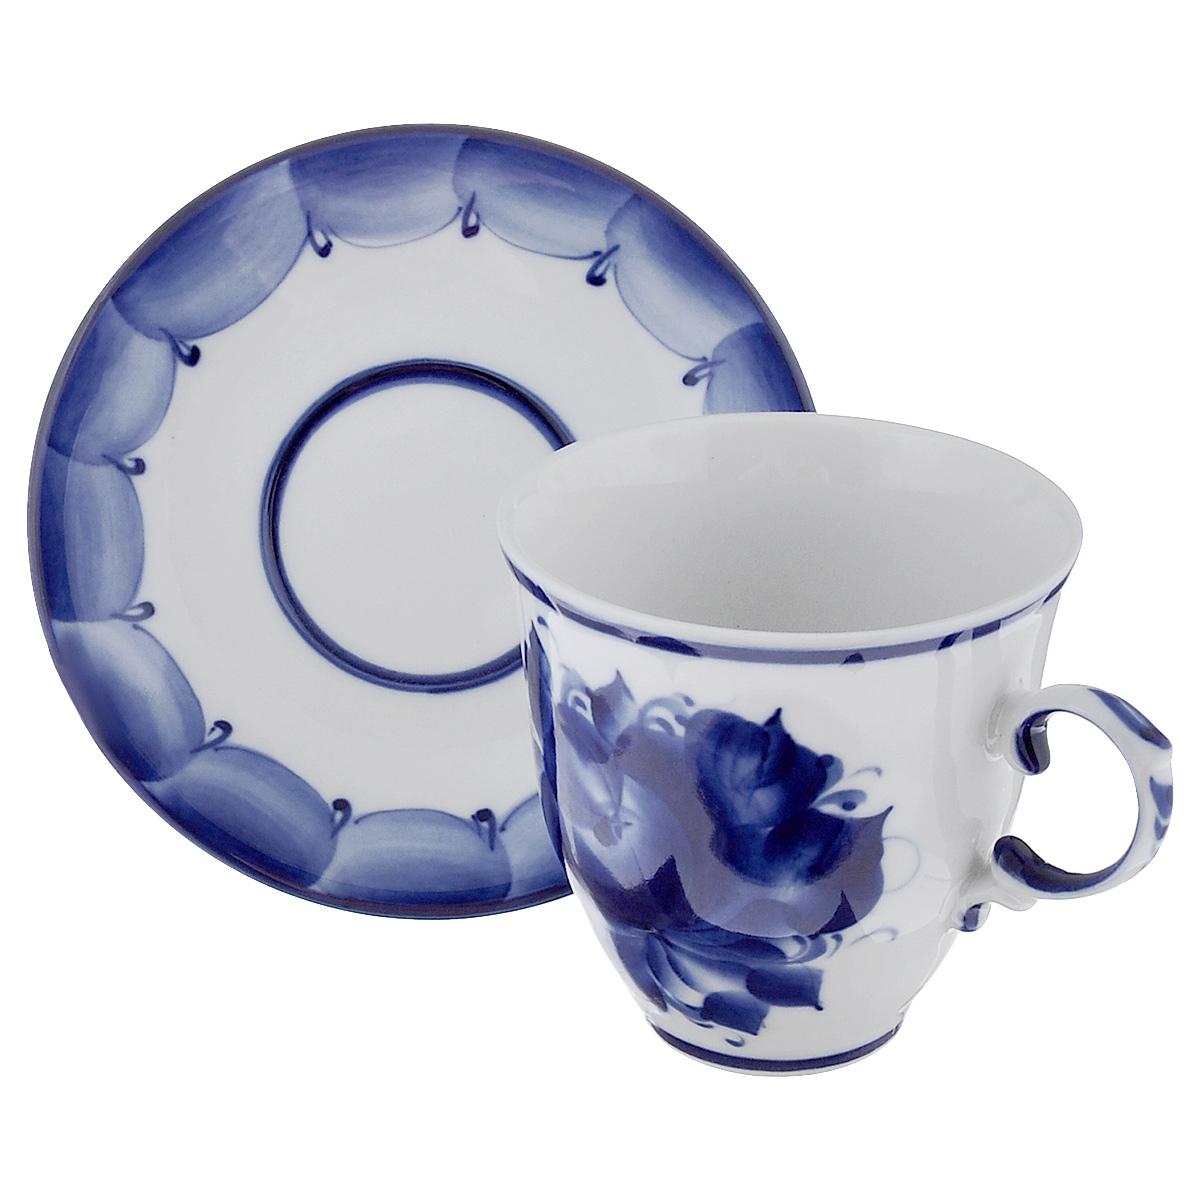 Чайная пара Чародейка, цвет: белый, синий, 2 предмета115510Чайная пара Чародейка выполнена из высококачественной керамики, состоит из чашки и блюдца оформленных гжельской росписью. Яркий дизайн, несомненно, придется вам по вкусу.Чайная пара Чародейка украсит ваш кухонный стол, а также станет замечательным подарком к любому празднику.Гжель - один из традиционных российских центров производства керамики и известный народный художественный промысел России. Производят изделия в Московской области, в обширном районе из 27 деревень, называемых Гжельский куст. Профессиональные мастера сохраняют традиции росписи и создают истинные шедевры. Ей характерна изящная роспись в синих тонах на белом фоне. Традиционными считаются изображения птиц, цветов и узоров. Обращаем ваше внимание, что роспись на изделие сделана вручную. Рисунок может немного отличаться от изображения на фотографии.Объем чашки: 250 мл.Диаметр чашки по верхнему краю: 9 см.Диаметр дна чашки: 4,5 см.Высота чашки: 9 см.Диаметр блюдца: 14,5 см.